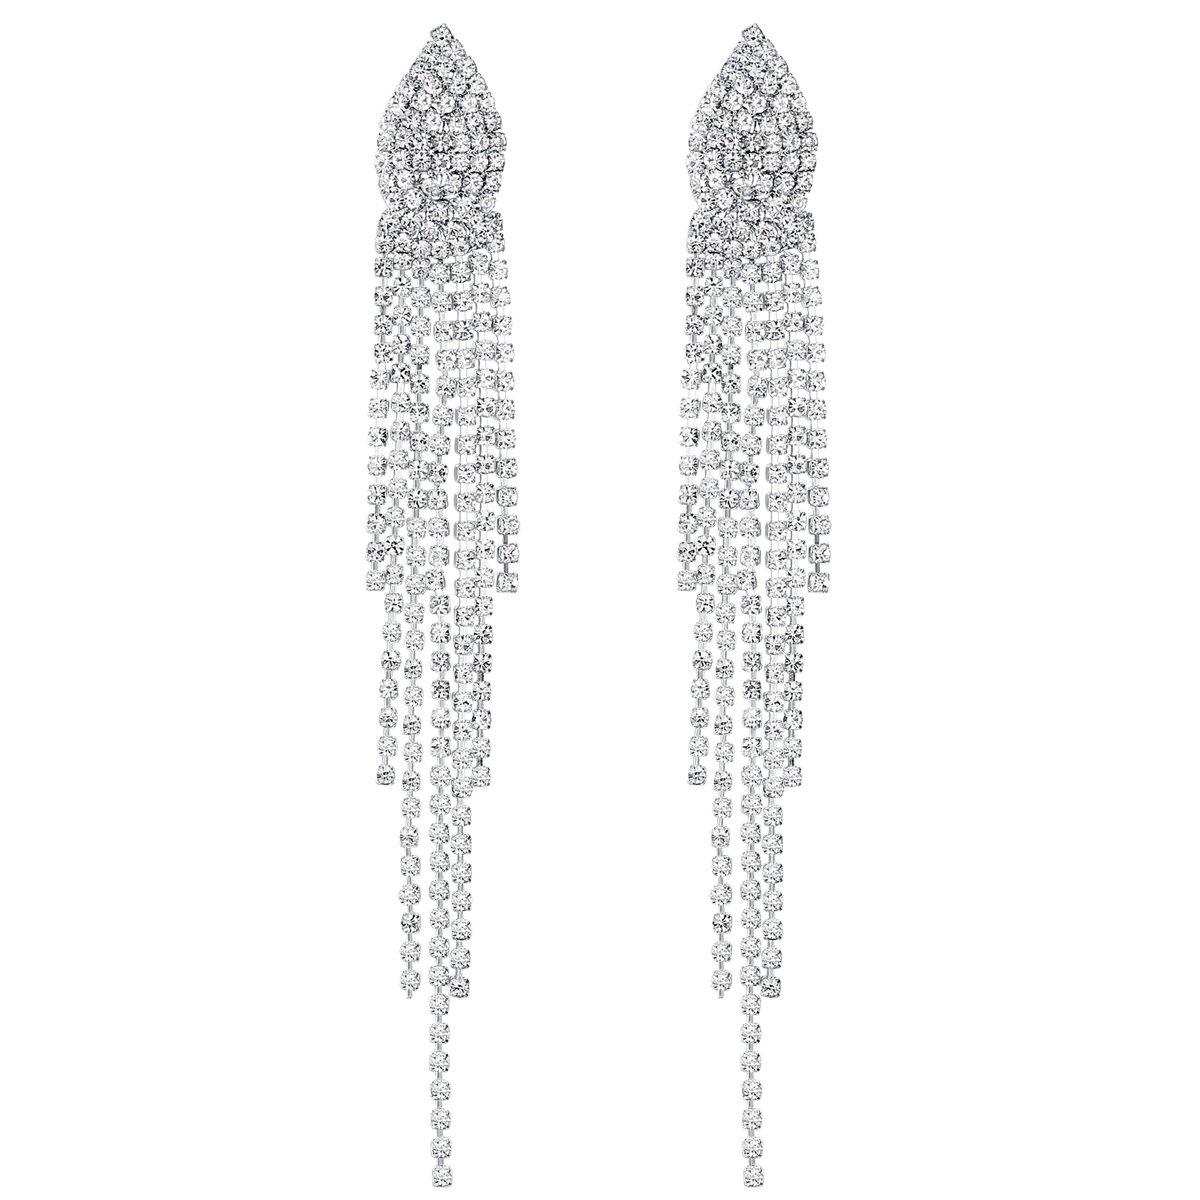 mecresh Bridal SilverCrystal Tassel Wedding Earrings for women